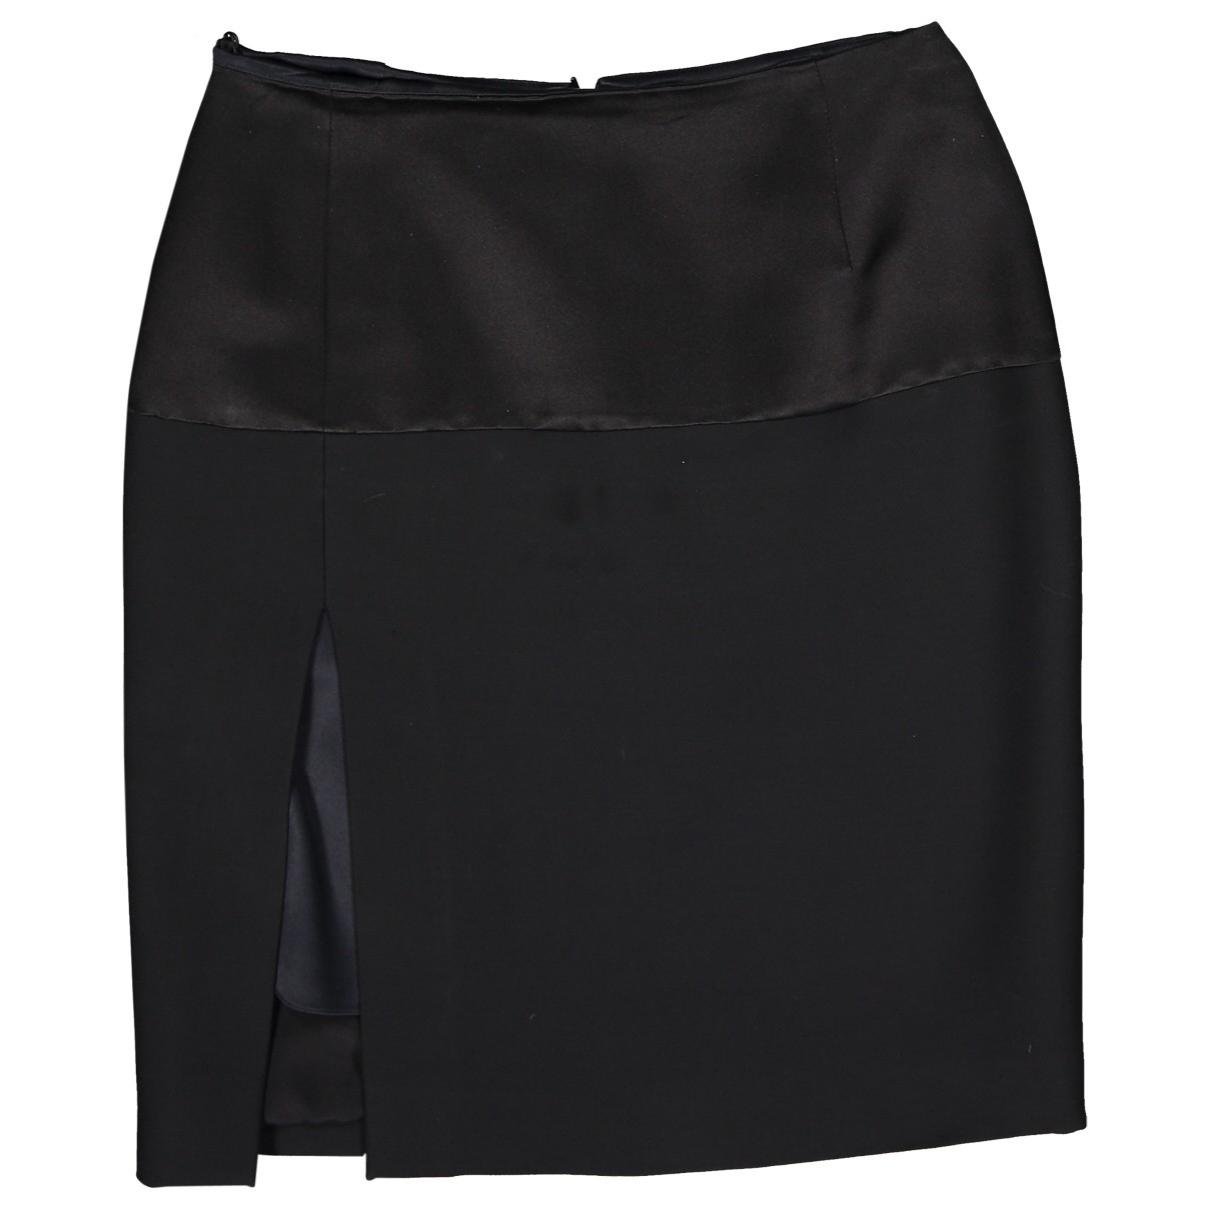 Dior \N Black Wool skirt for Women 40 FR